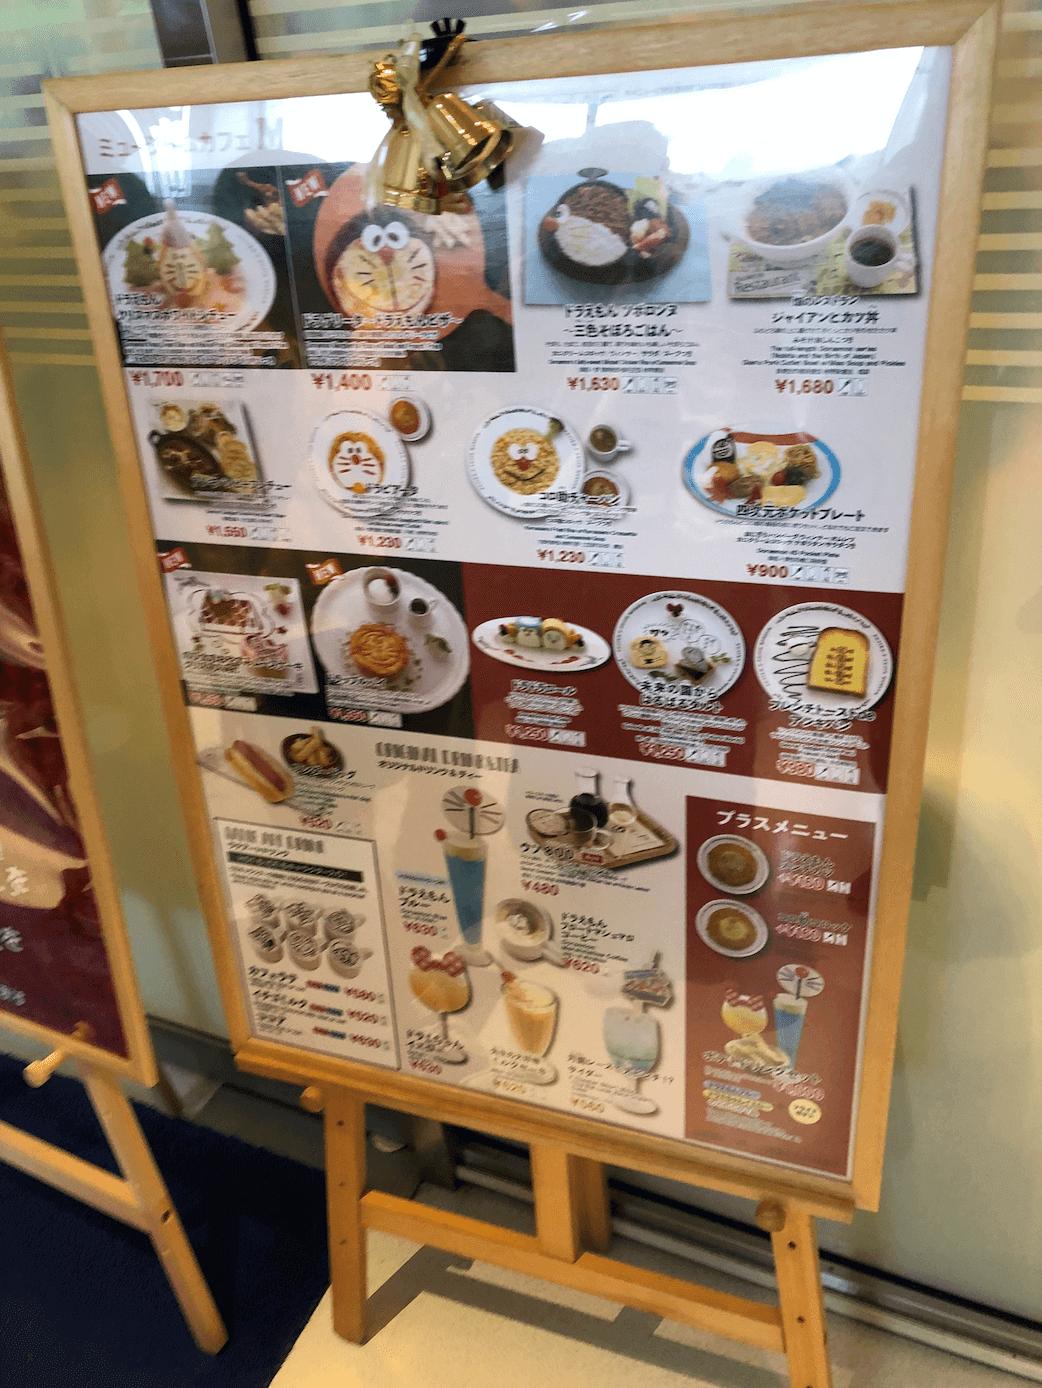 藤子・F・不二雄ミュージアム内レストラン(カフェ)のメニュー